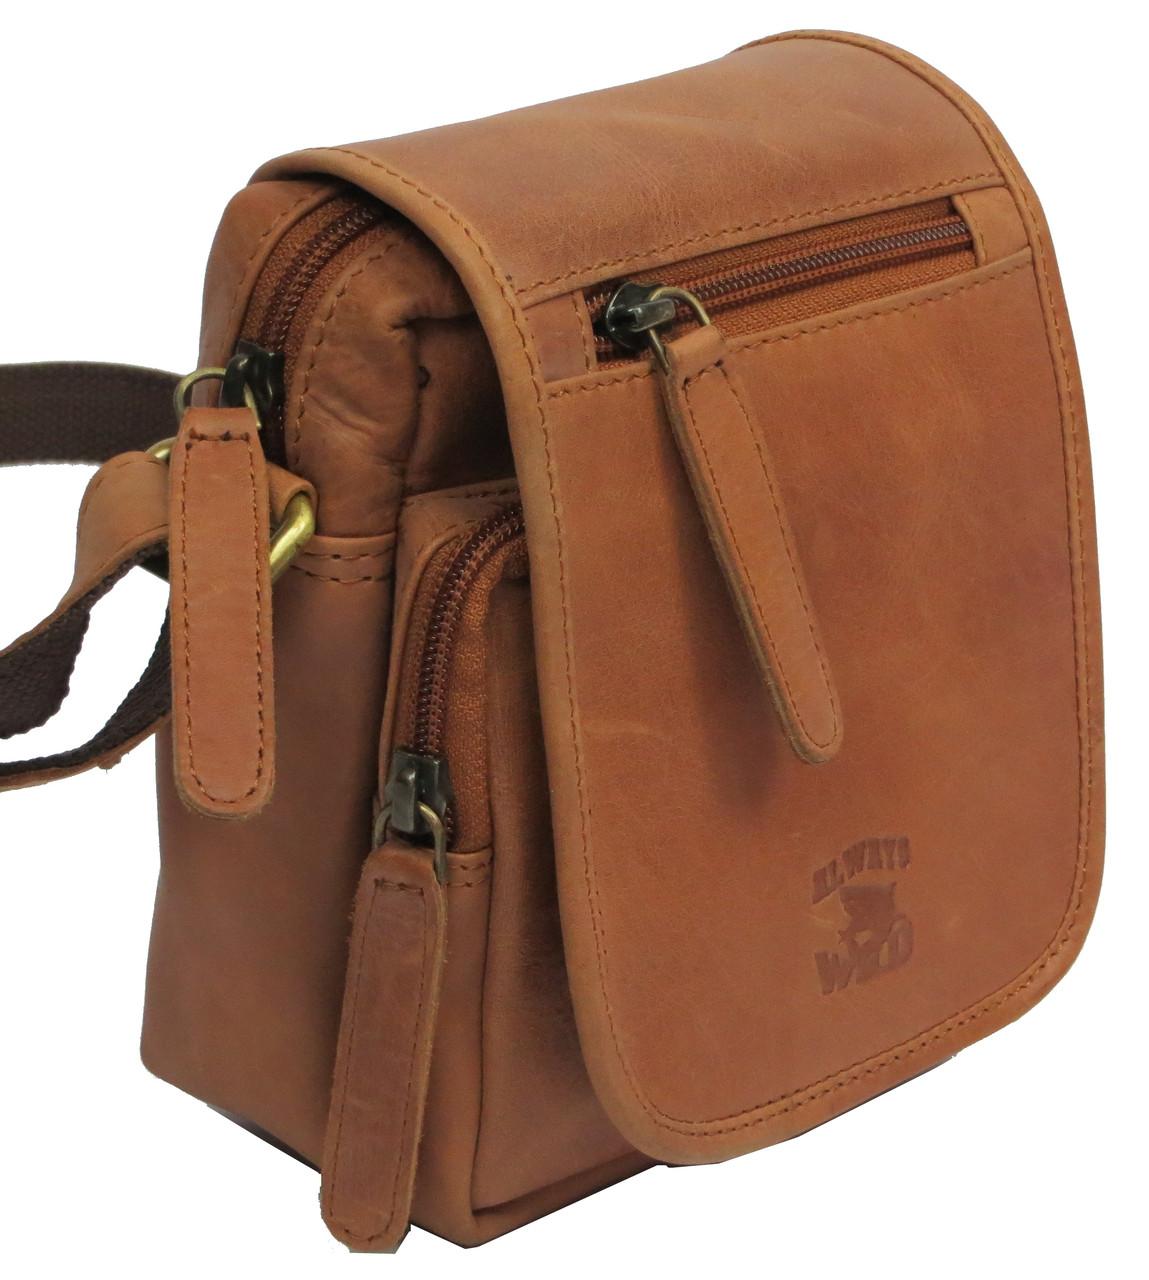 Кожаная сумка Always Wild 5047-1-CBH COGNAC, коричневый